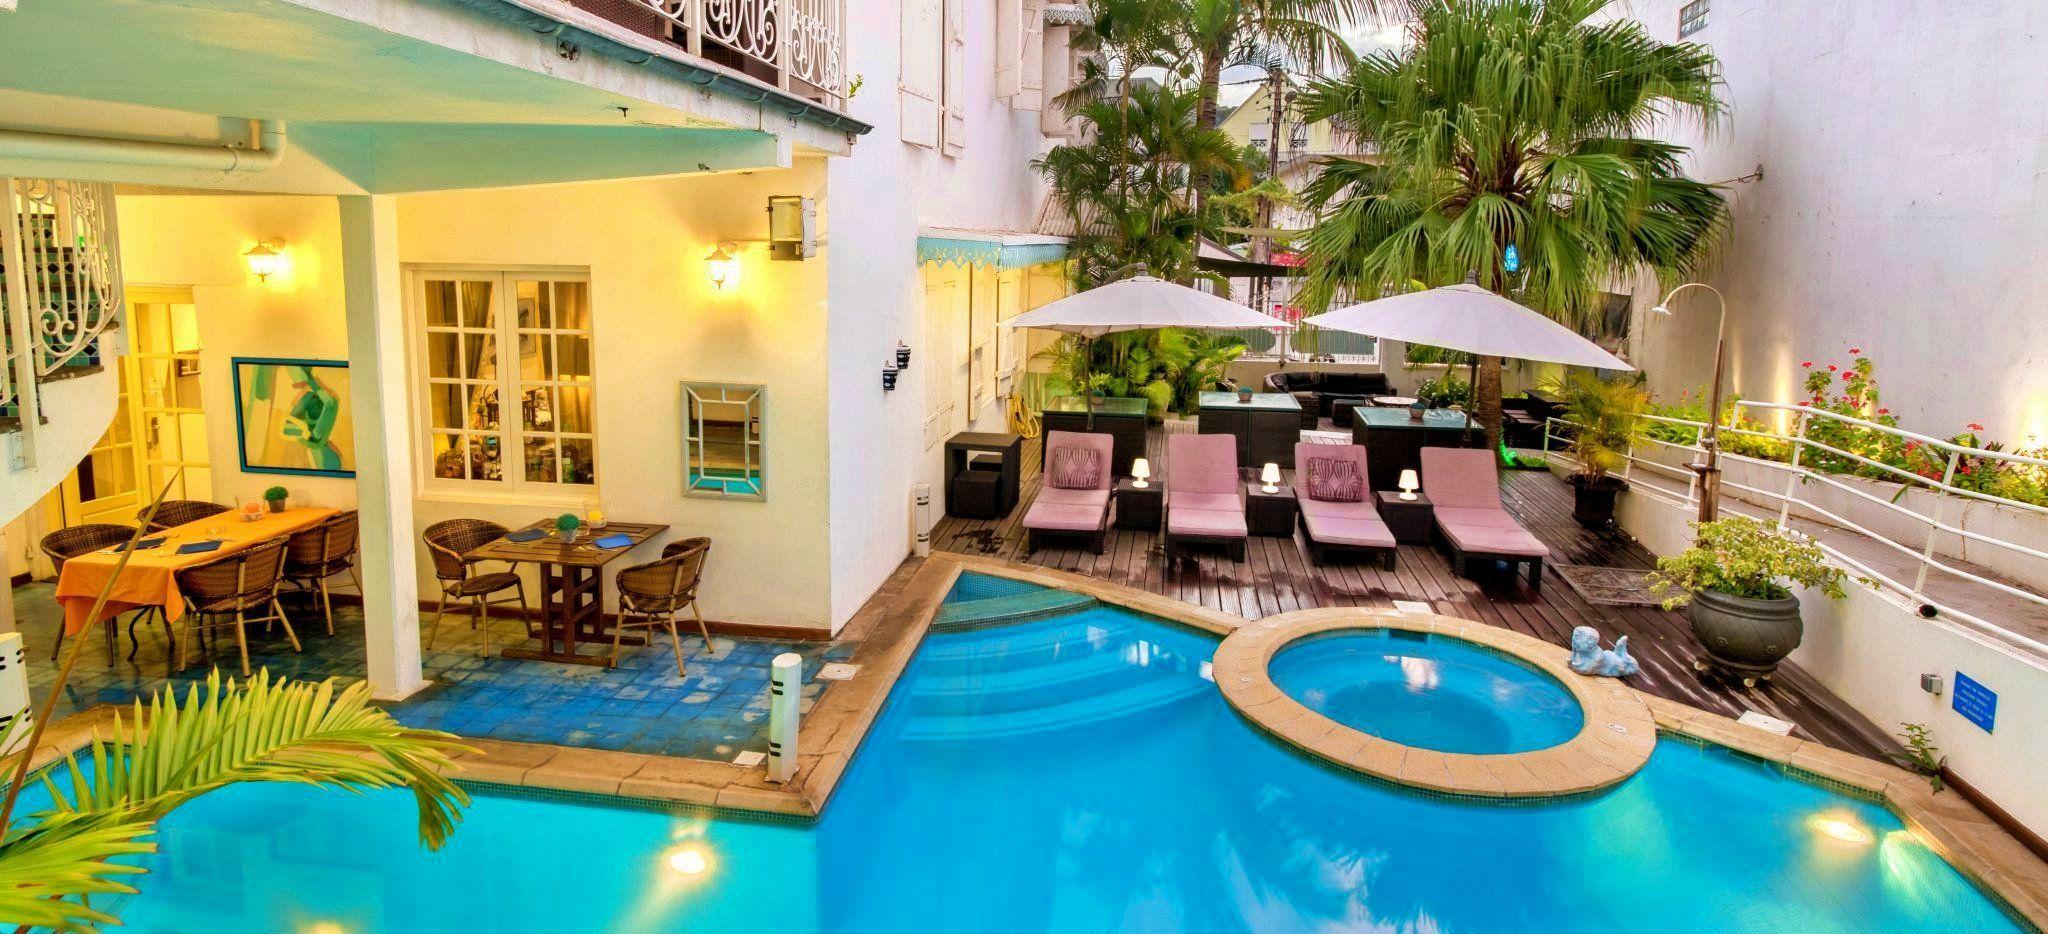 Der Poolbereich des Hotels Le Juliette Dodu auf La Réunion